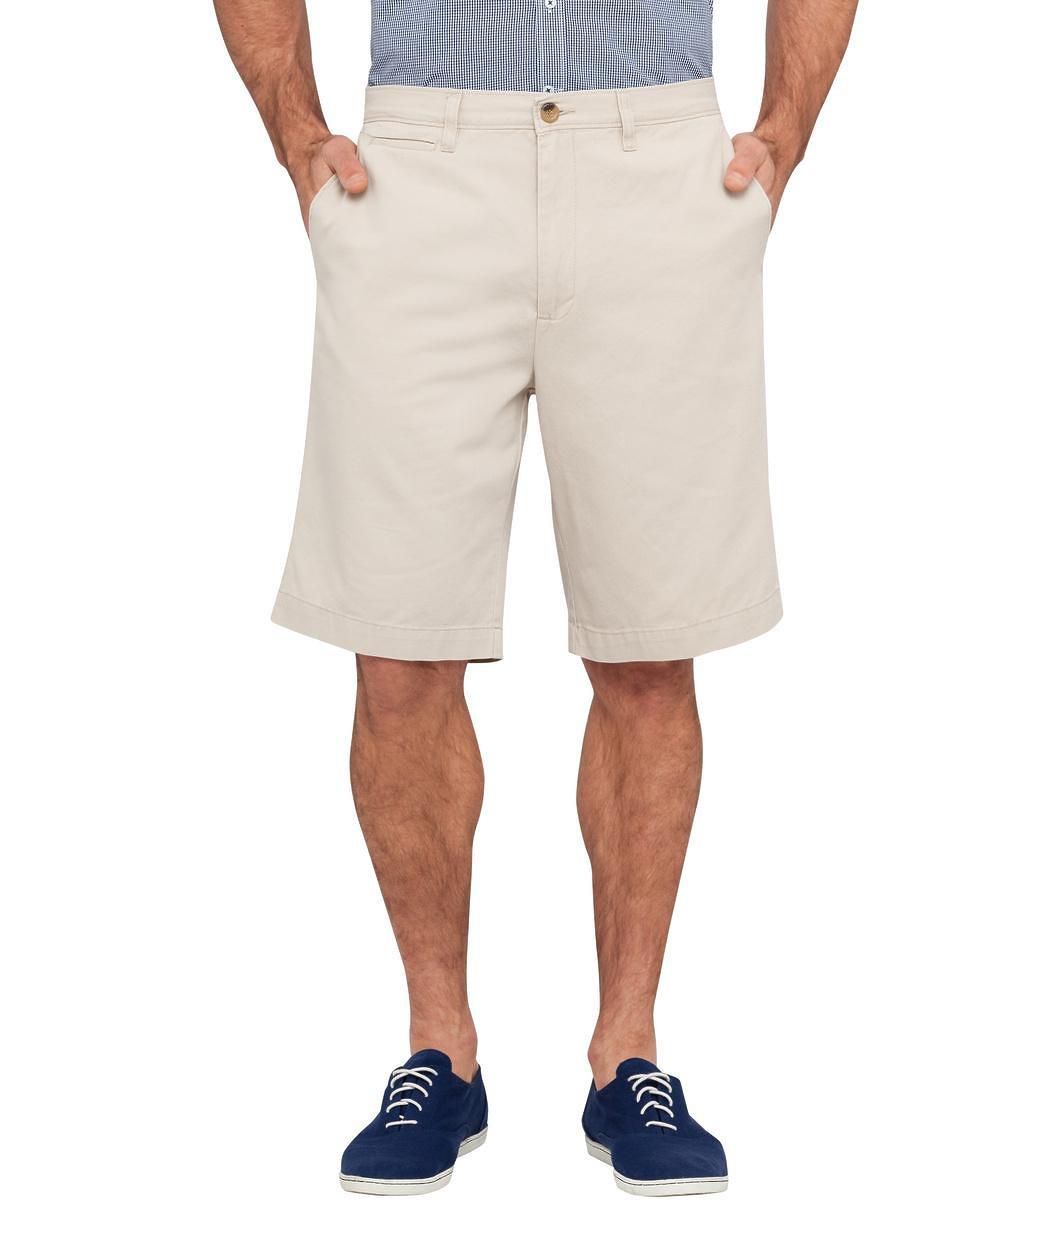 mens cotton shorts australia